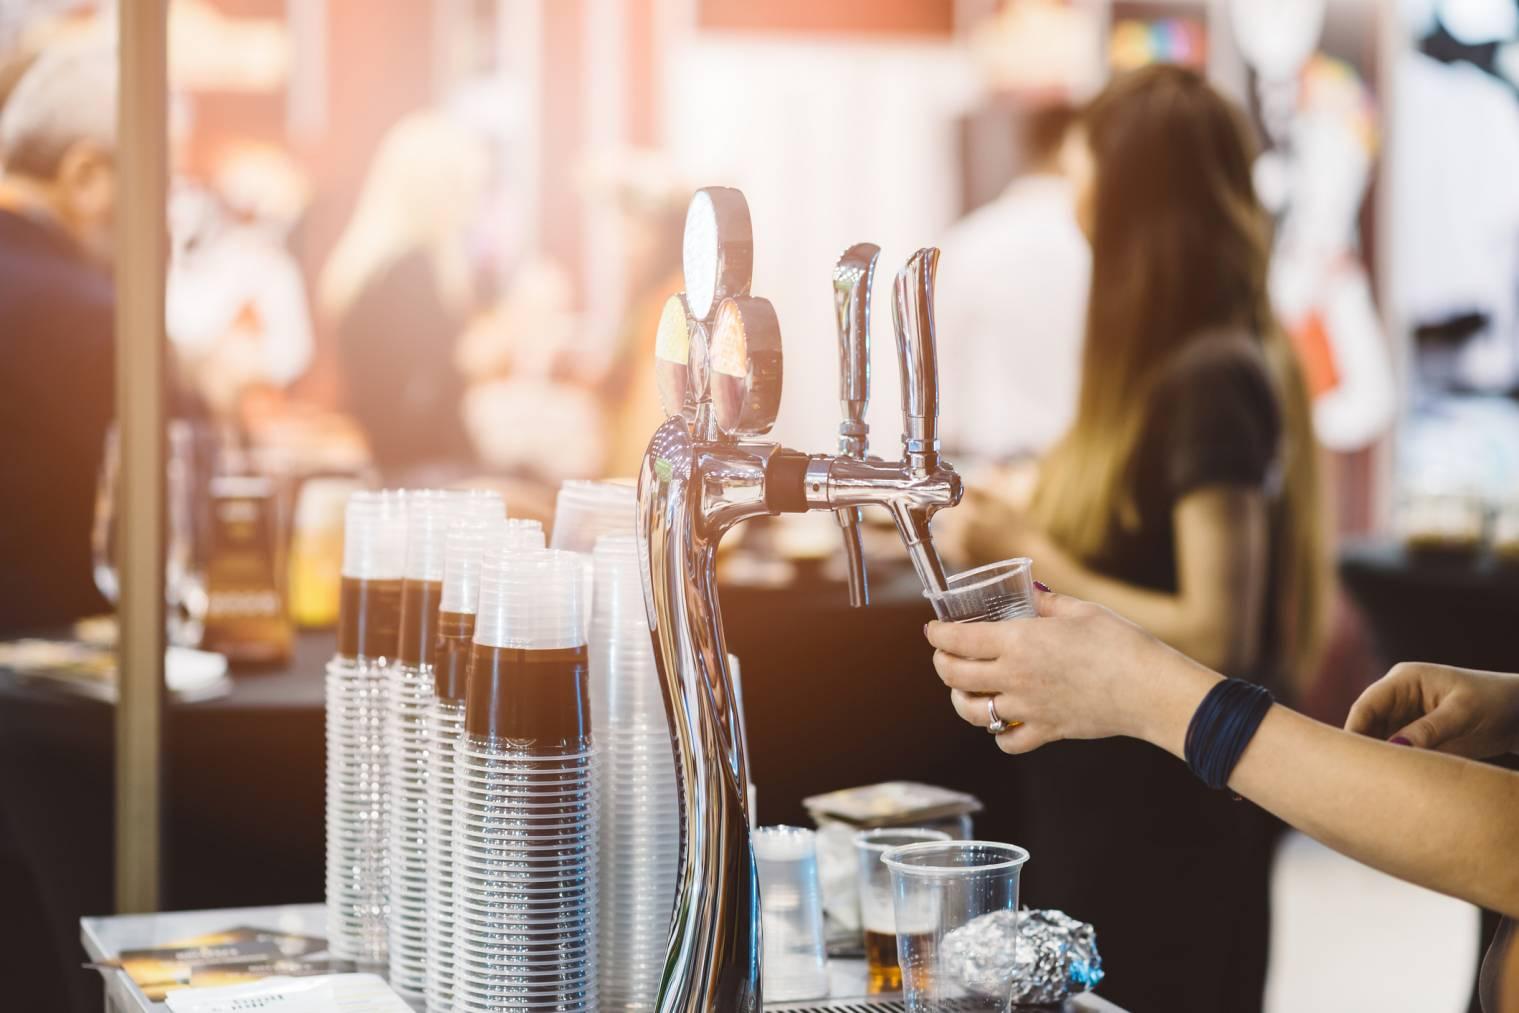 vente d'alcool débit temporaire